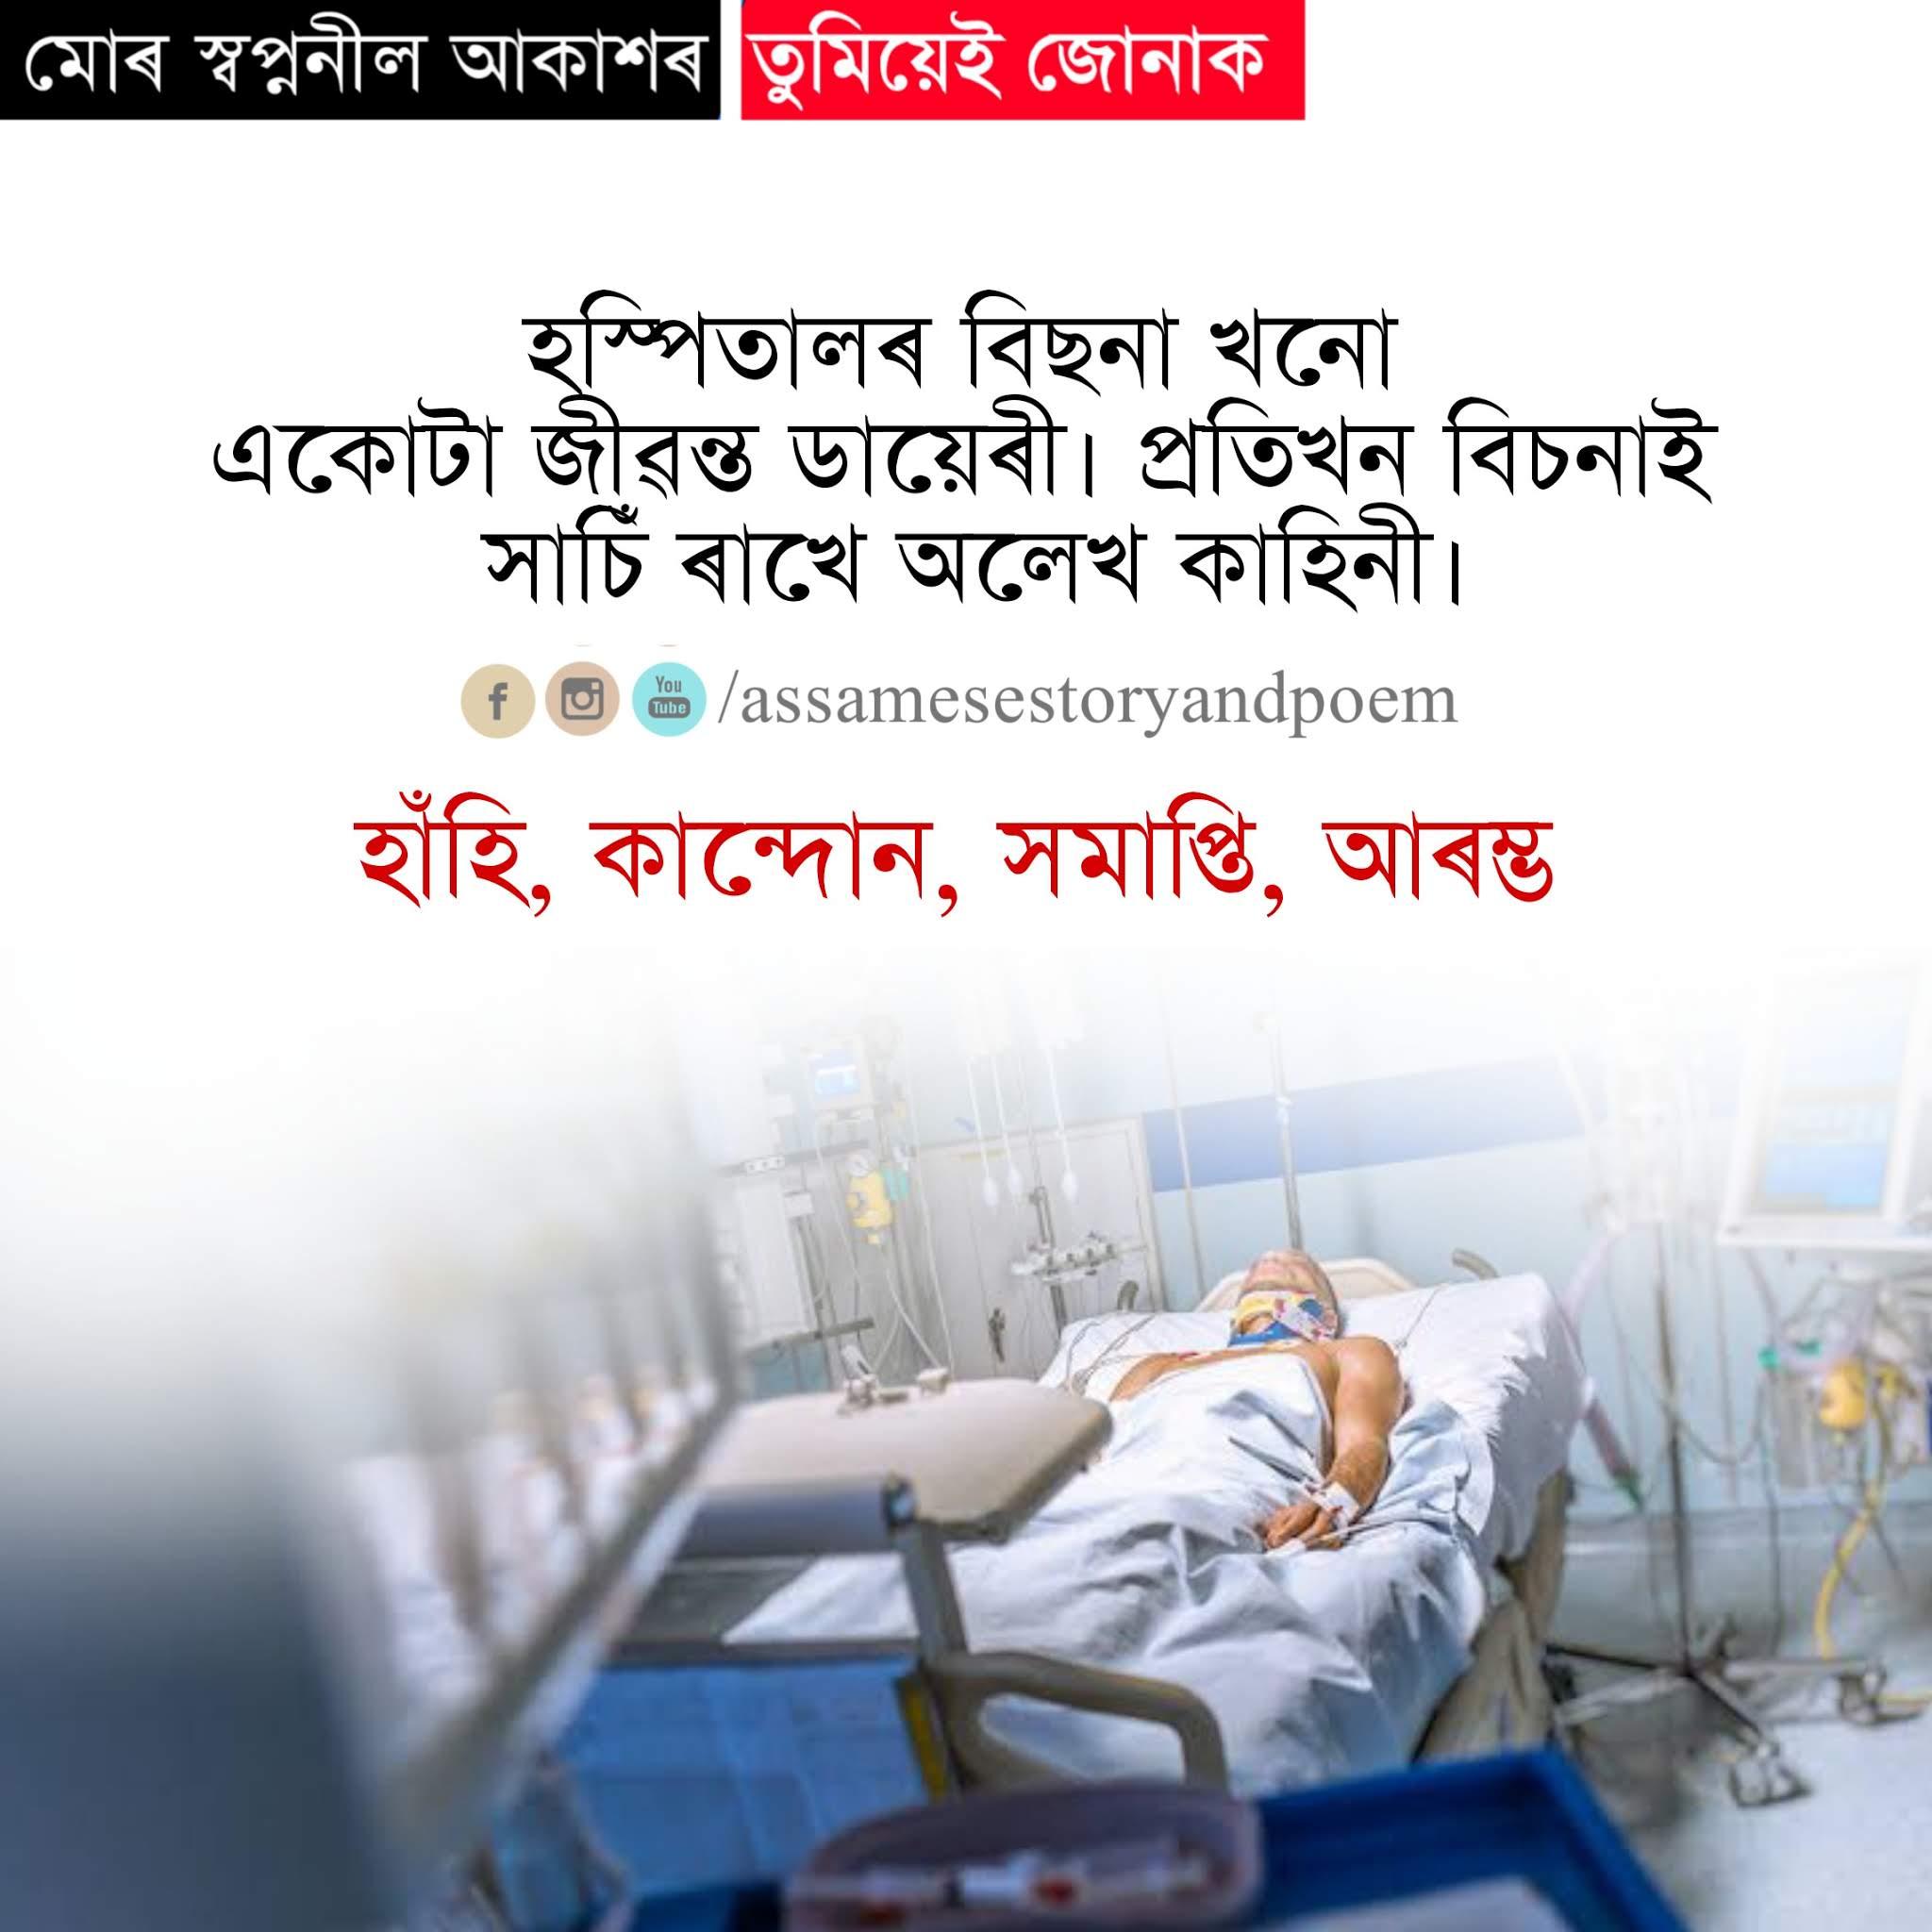 Emotional Assamese Stauts | Assamese Status